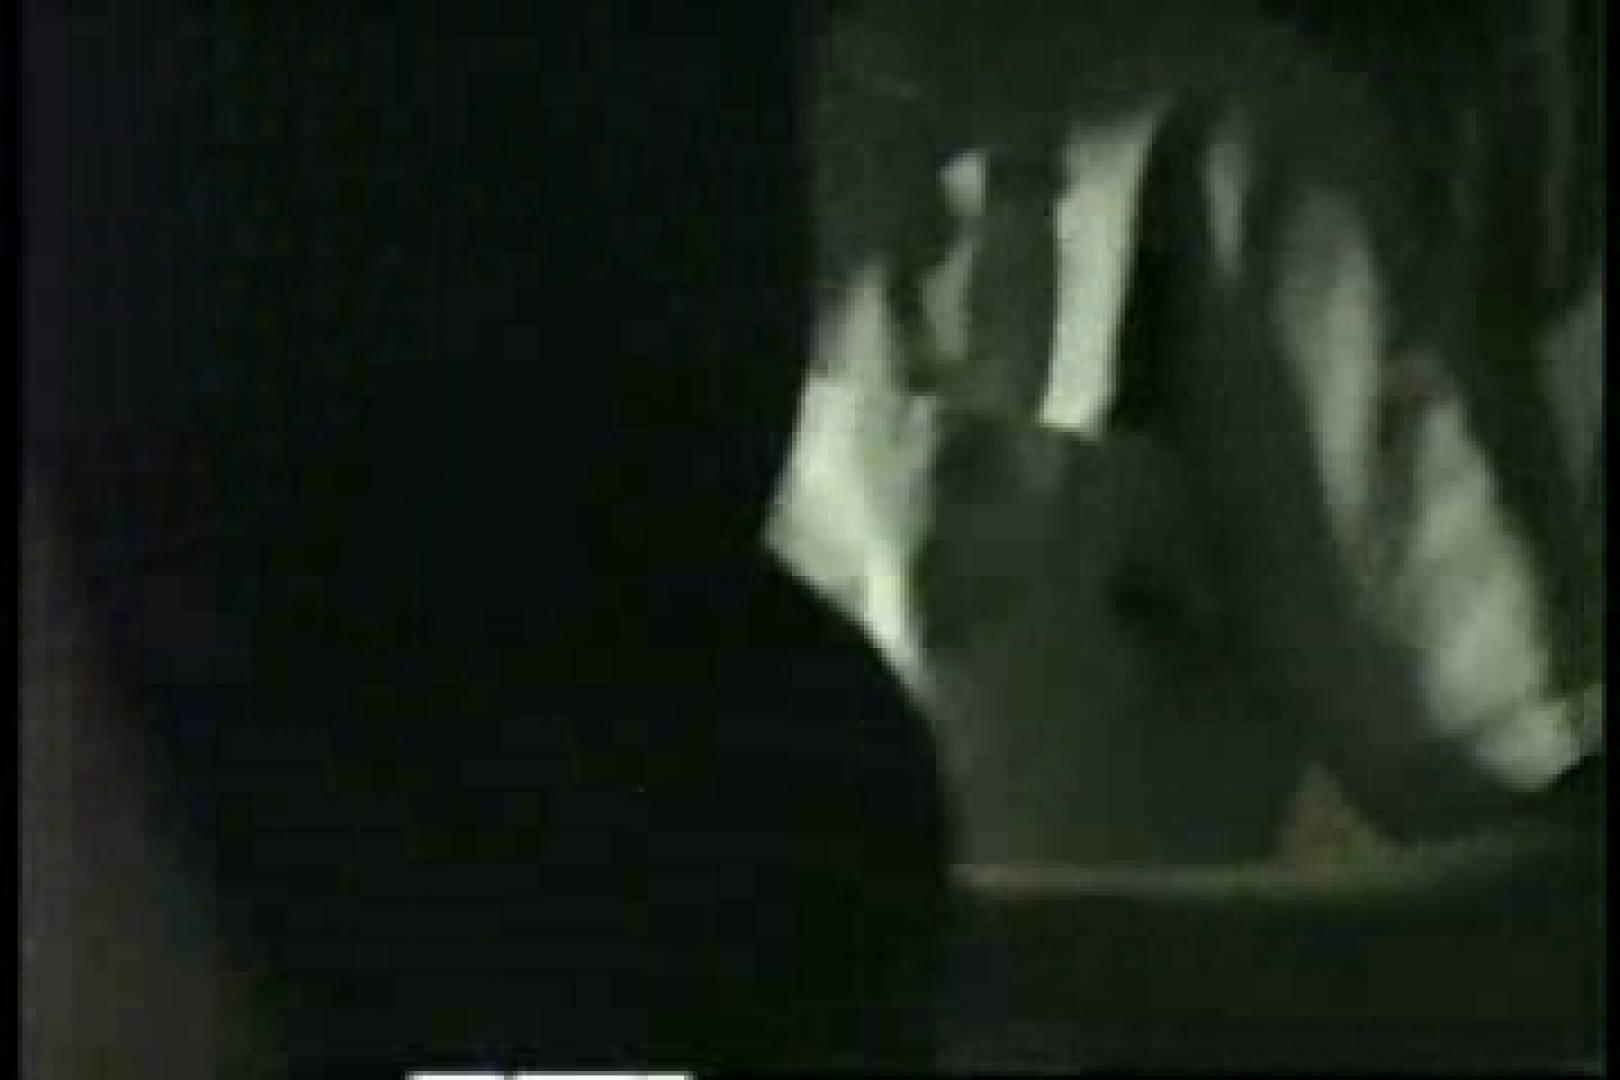 【実録個人撮影】男の子達の禁断の愛欲性活!!vol.03 アナル舐め | まじ生挿入 ゲイ肛門画像 87pic 51